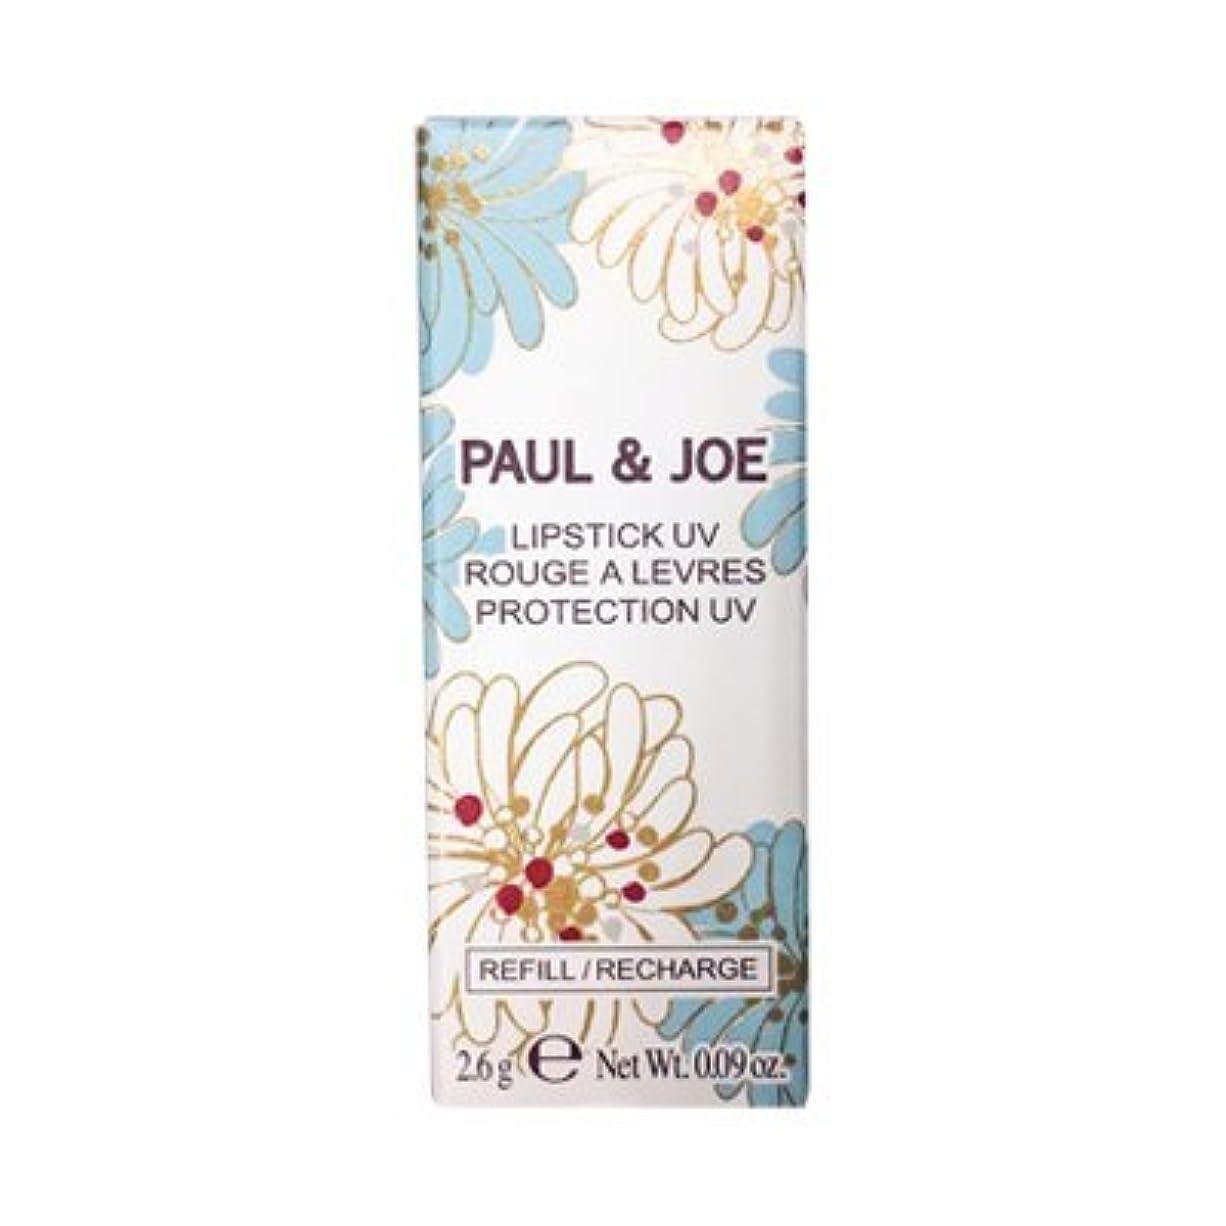 戸口列挙するフクロウポール & ジョー / PAUL & JOE リップスティック UV (レフィル) #403 [ リップケア ] [並行輸入品]